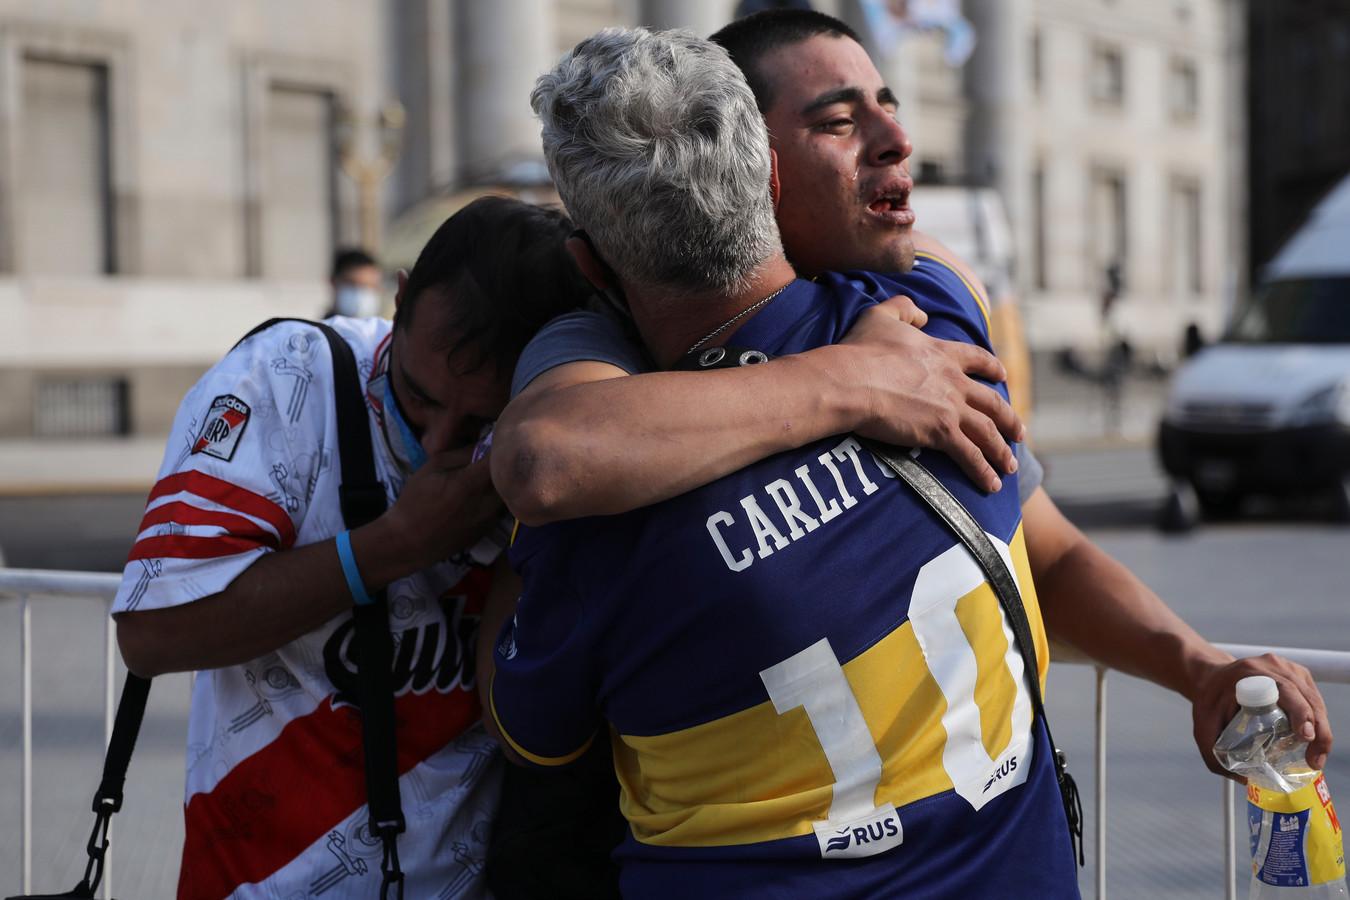 Fans van rivalen Boca Juniors en River Plate zoeken steun bij elkaar na de dood van Diego Maradona.